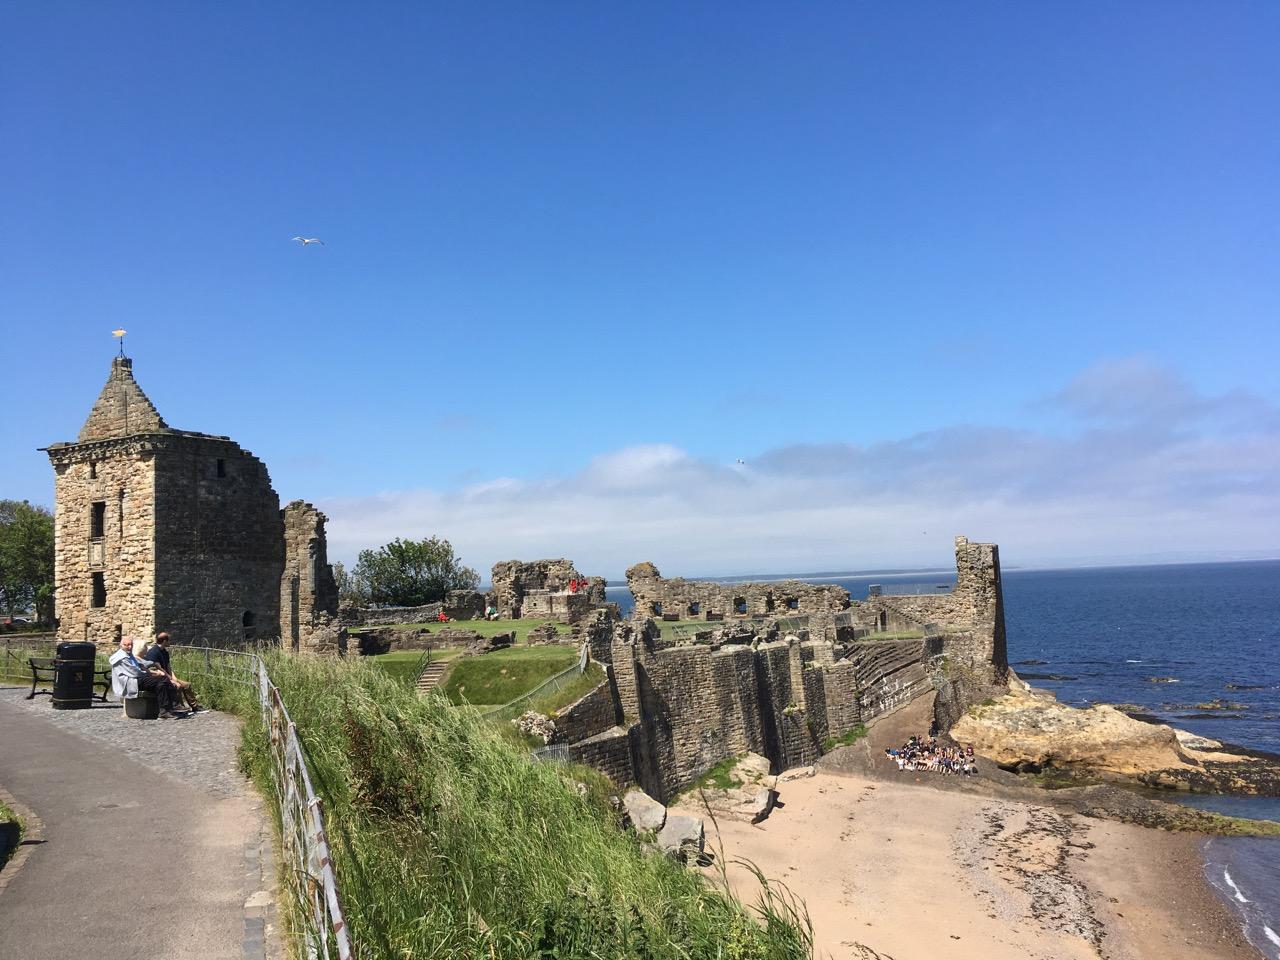 圣安城堡(castle)修建于12世纪,如今只剩下断垣残壁,在碧海蓝天的映衬下,也挺好看的